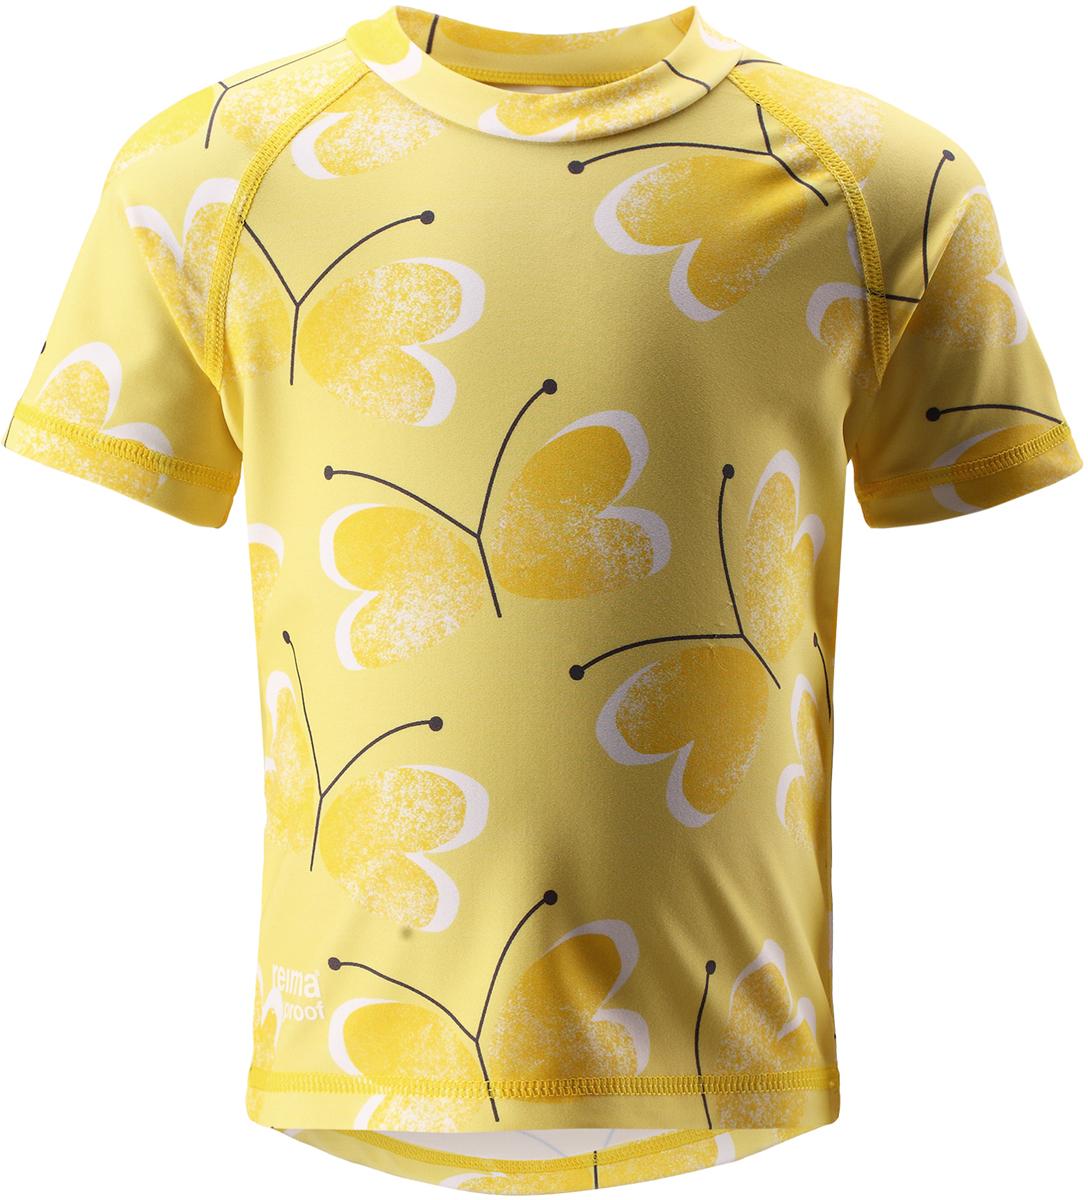 Футболка для плавания детская Reima Azores, цвет: желтый. 5163512333. Размер 865163512333Яркая летняя футболка для плавания удержит солнце на расстоянии. Футболка для малышей из материала SunProof с УФ-фильтром 50+ обеспечивает эффективную защиту от вредных солнечных лучей вплоть до локтей. Фигурный удлиненный подол защищает нижнюю часть спины. Эластичный материал быстро сохнет и позволяет использовать футболку как для плавания, так и для игр на солнце. Модель разработана для длительного времяпровождения на пляже.